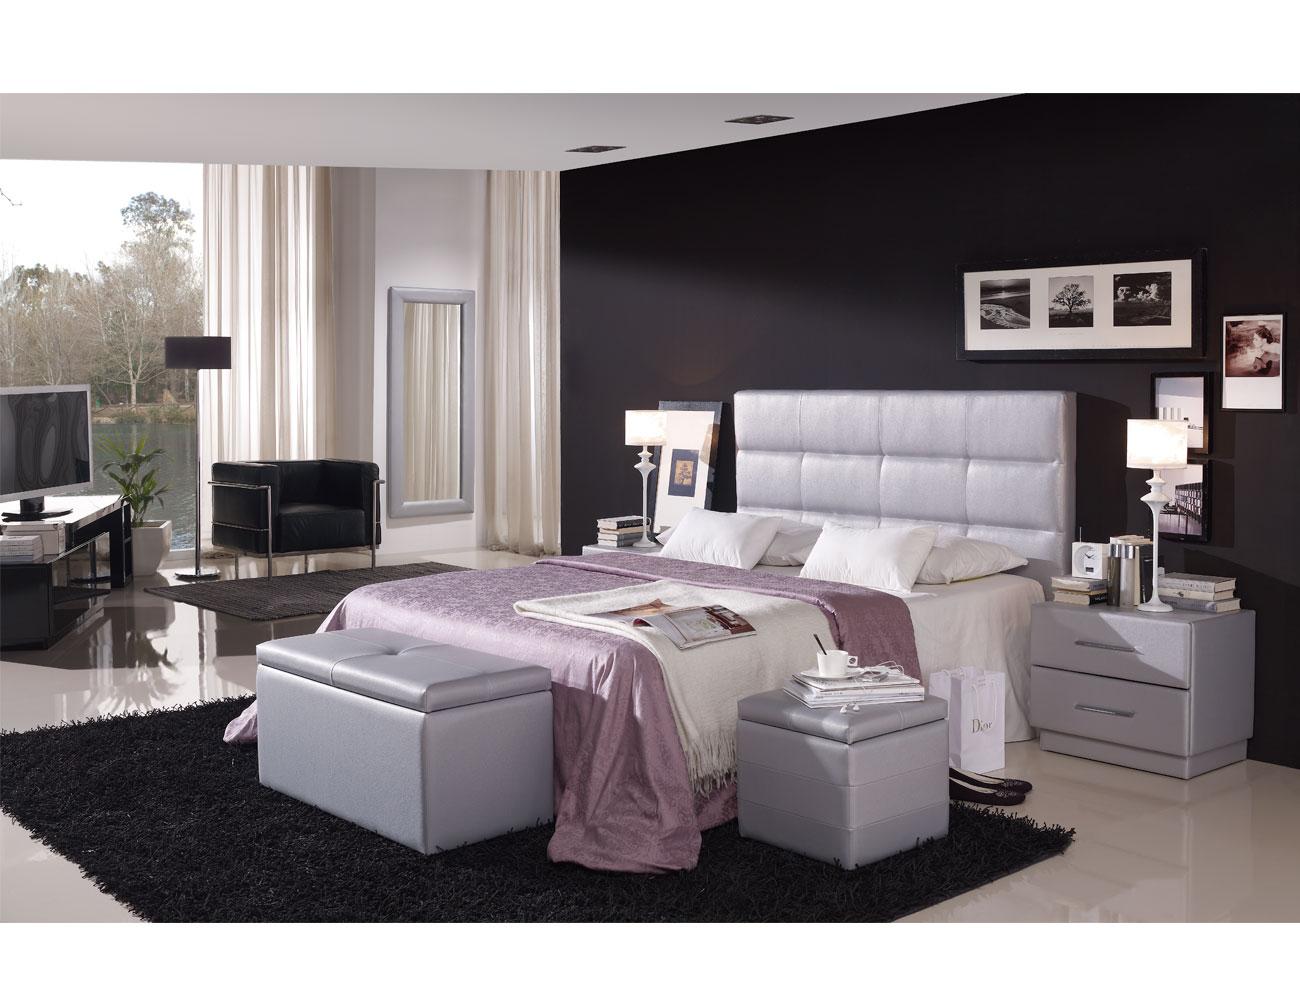 86 pie cama cuadros dormitorio 91